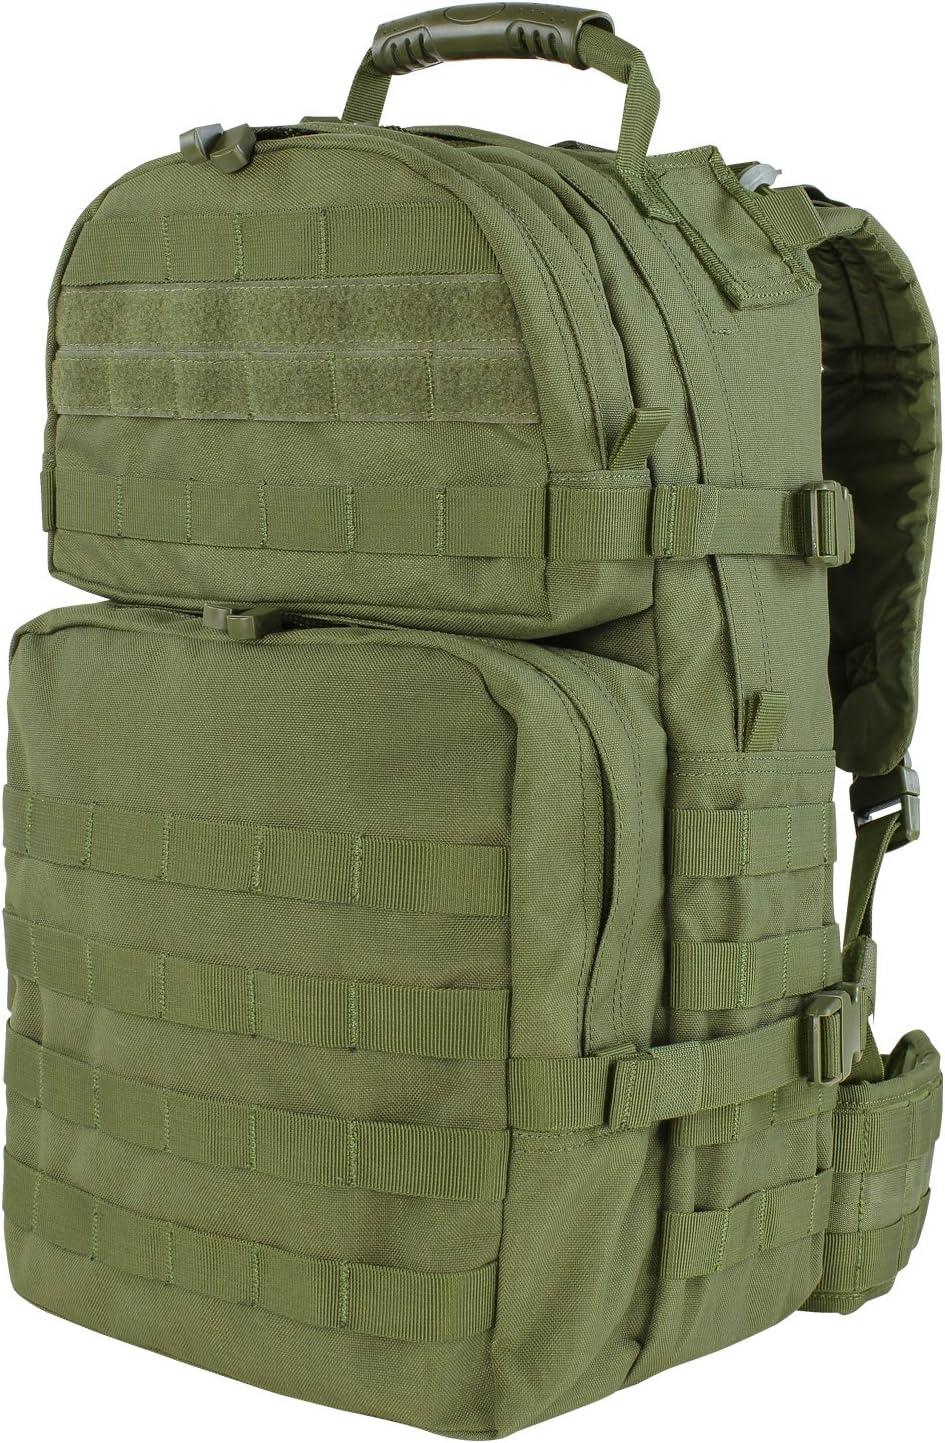 CONDOR 129-001 Medium Modular Assault Pack 2 OD: Amazon.es ...